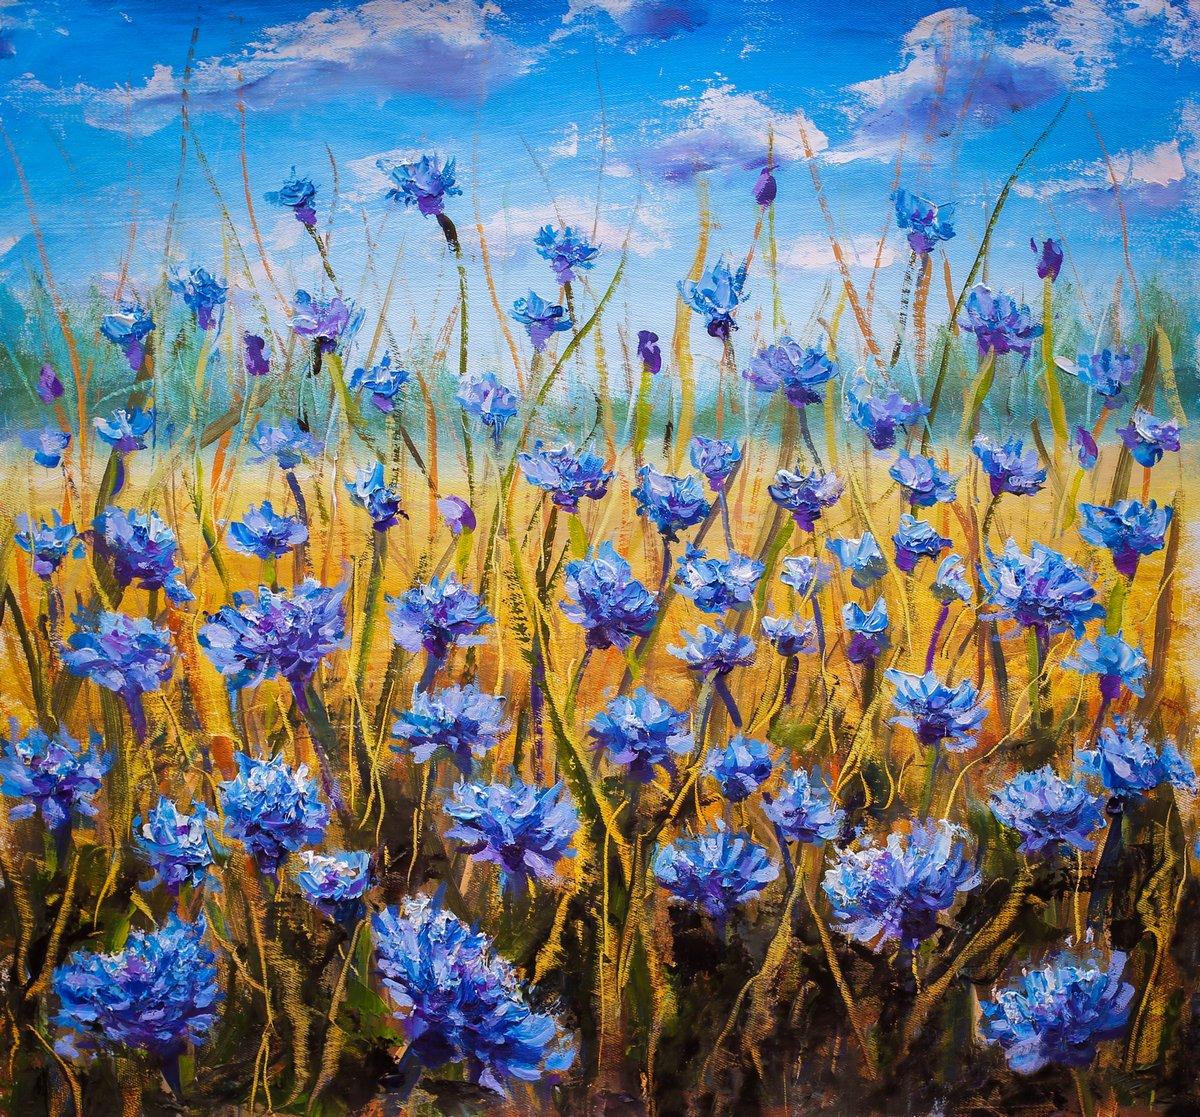 Постер Цветы в современной живописи Синие цветы поле картина маслом.Цветы в современной живописи<br>Постер на холсте или бумаге. Любого нужного вам размера. В раме или без. Подвес в комплекте. Трехслойная надежная упаковка. Доставим в любую точку России. Вам осталось только повесить картину на стену!<br>